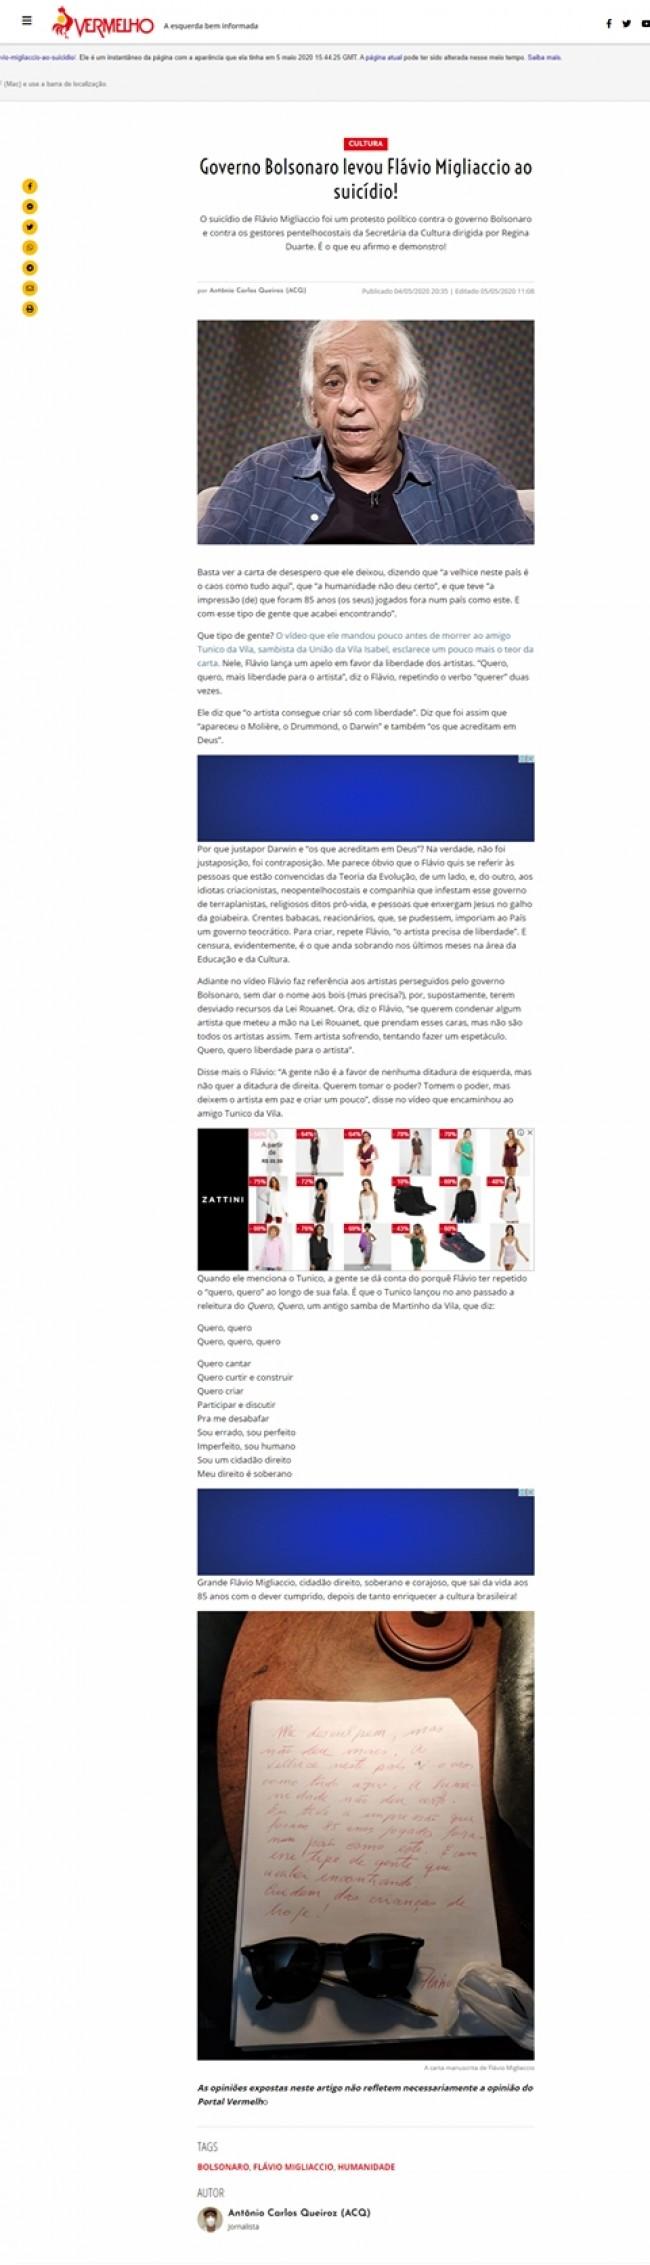 Captura de tela da matéria apagada do site vermelho.org.br